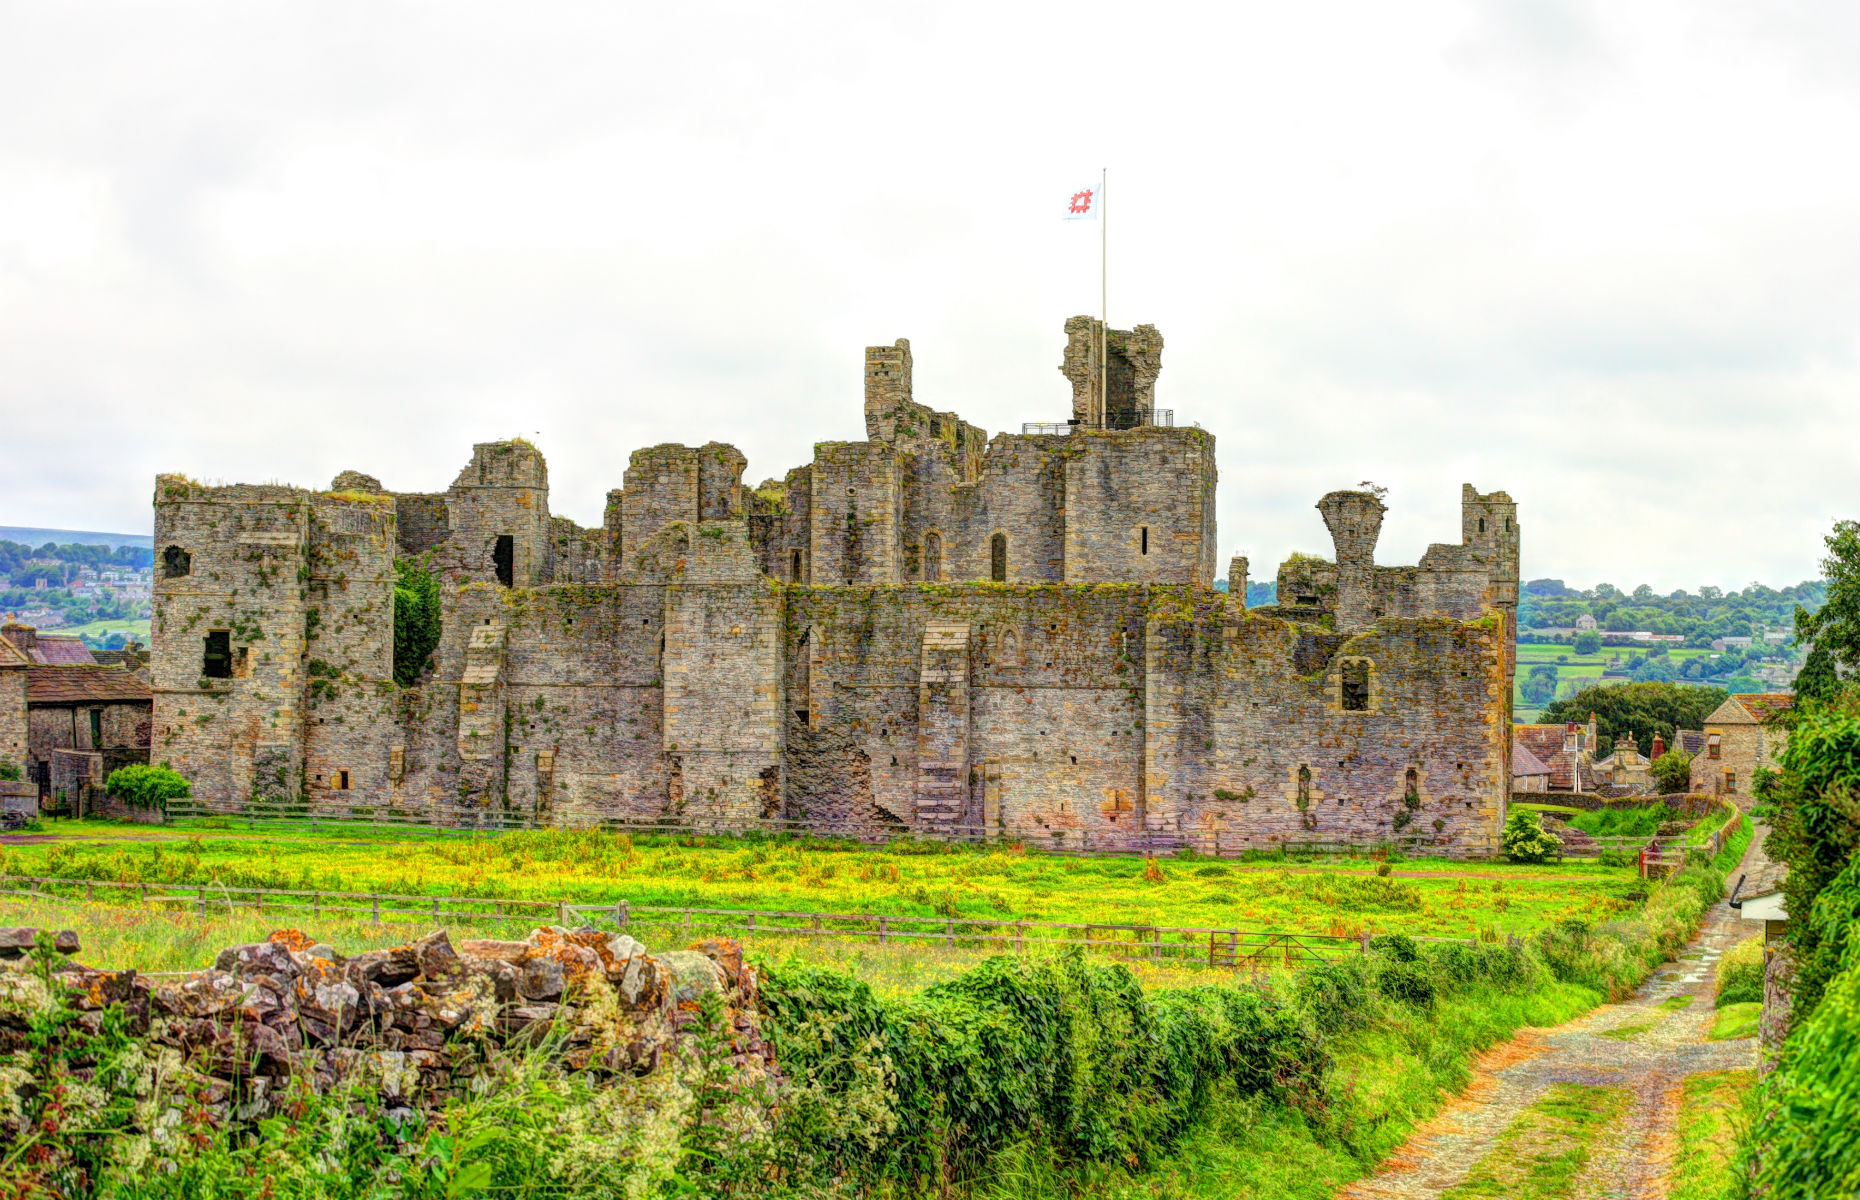 Middleham Castle (Image: Andrzej Sowa/Shutterstock)